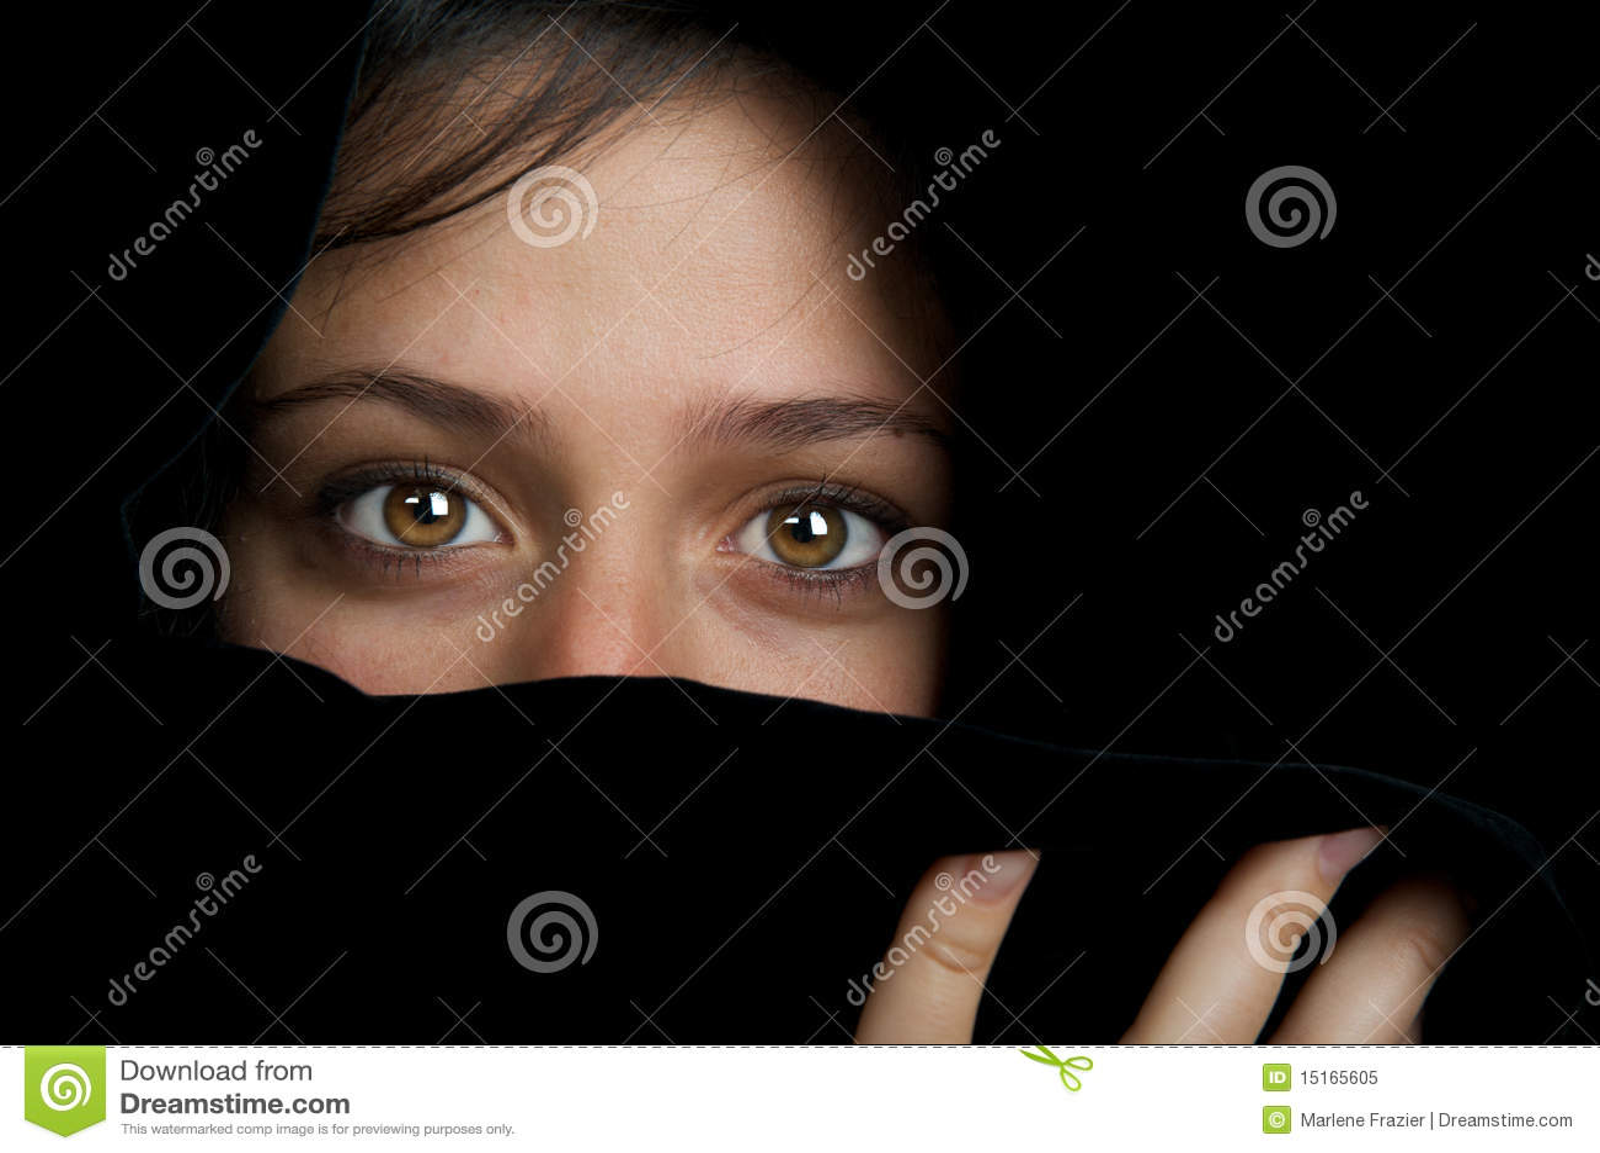 этническо смотрите на ее пряча женщину